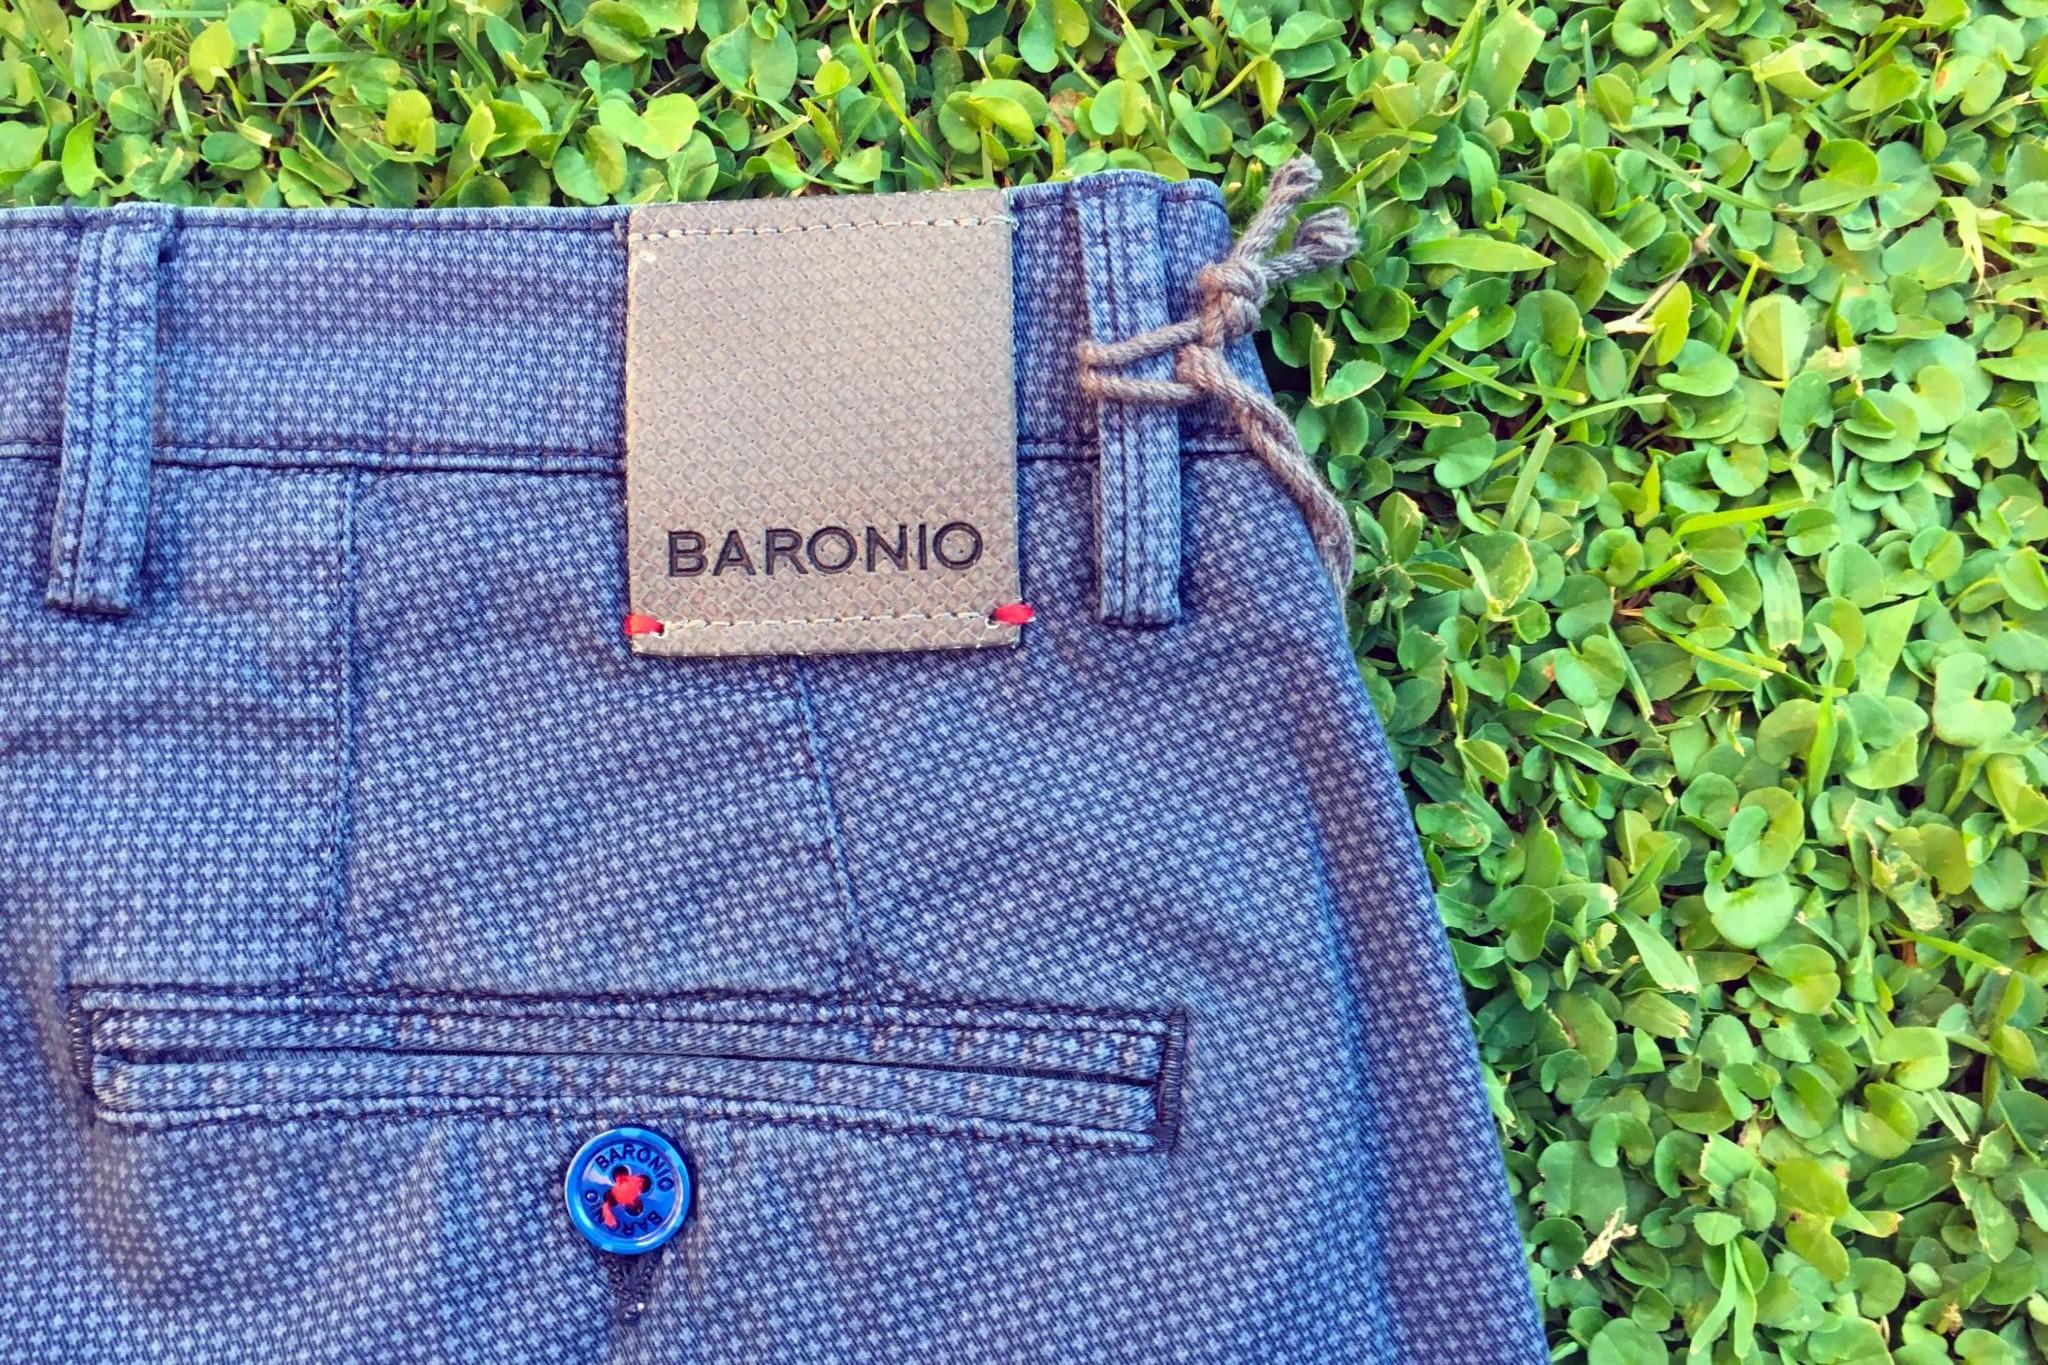 baronio-pantaloni-7